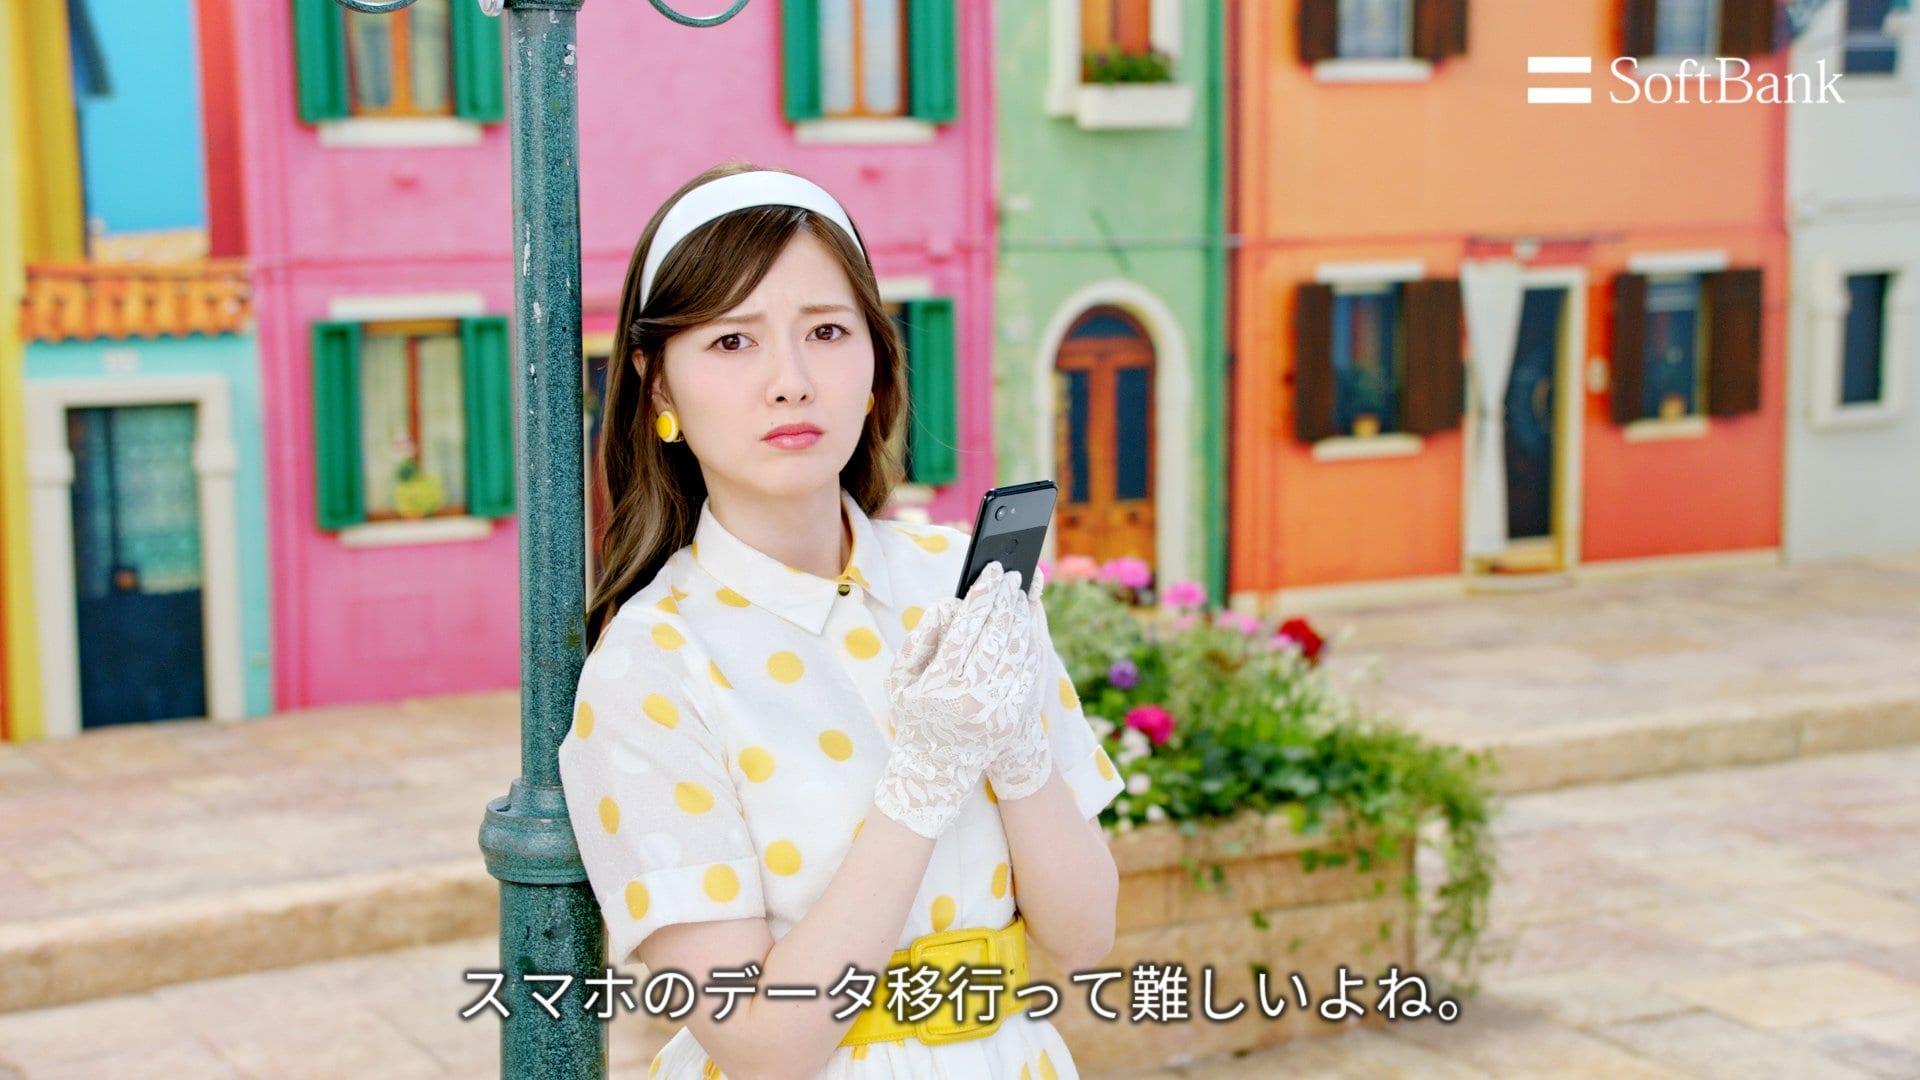 乃木坂46白石麻衣が出演するソフトバンクの新CMが放送開始!の画像011